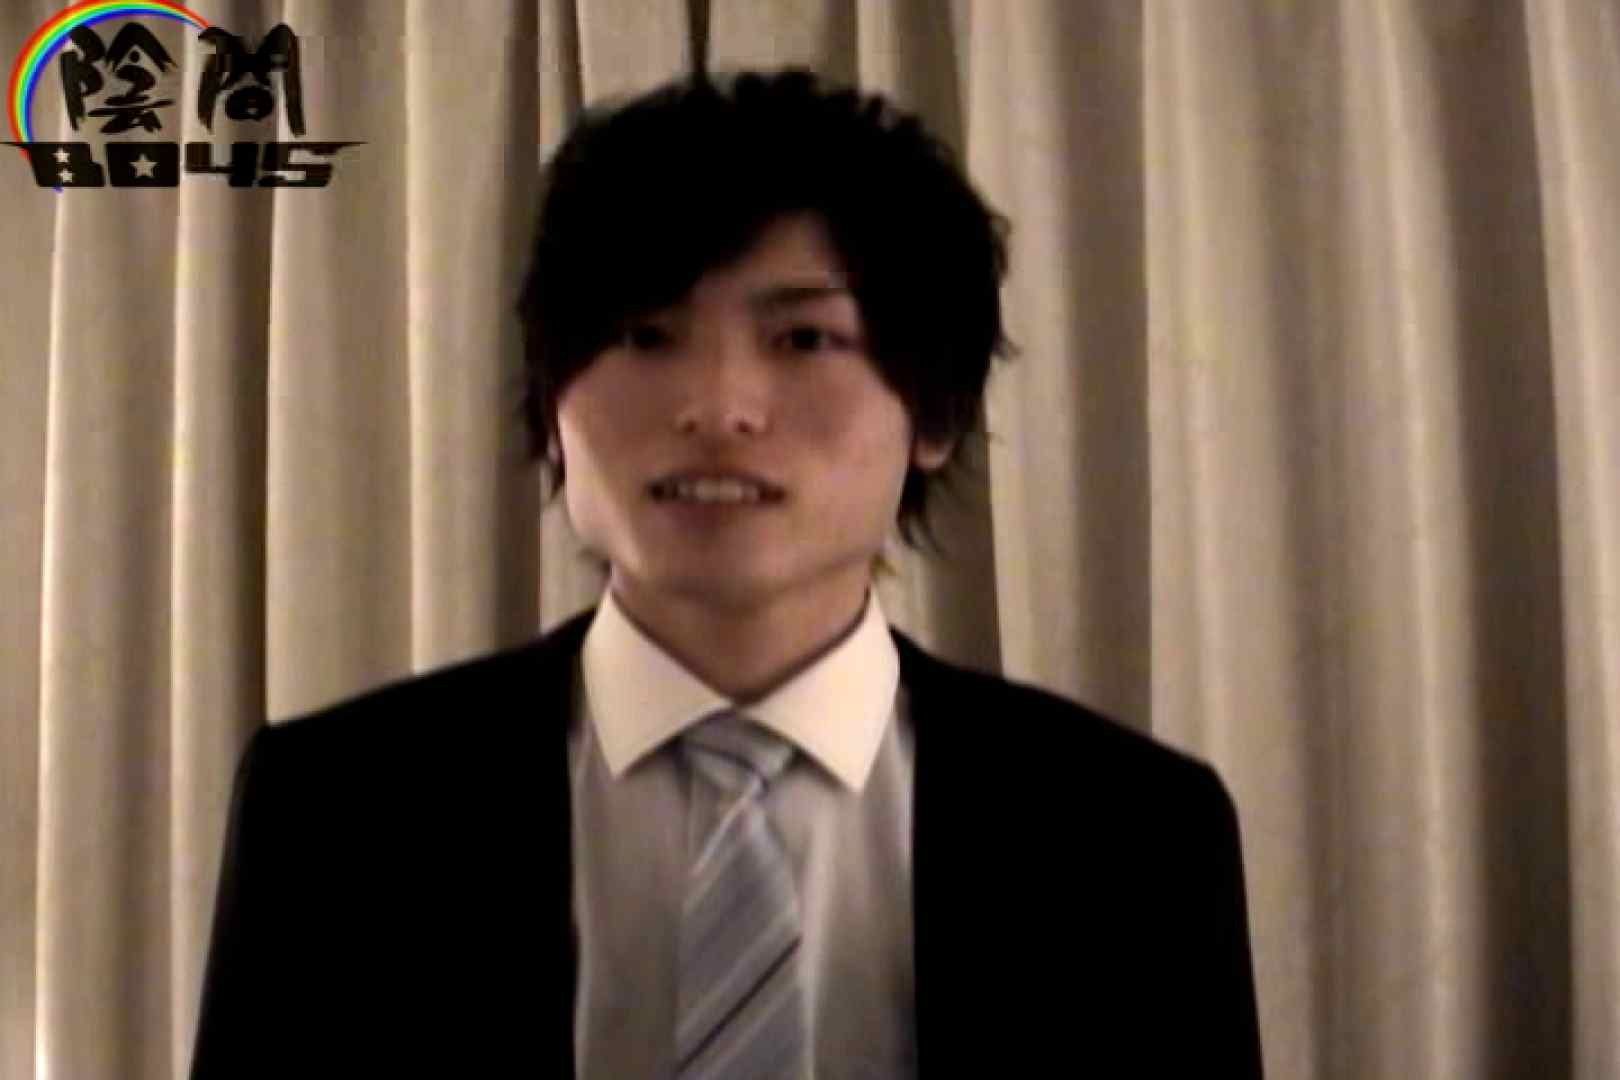 陰間BOYS~IKEMEN Interview~01  アナル  74pic 30